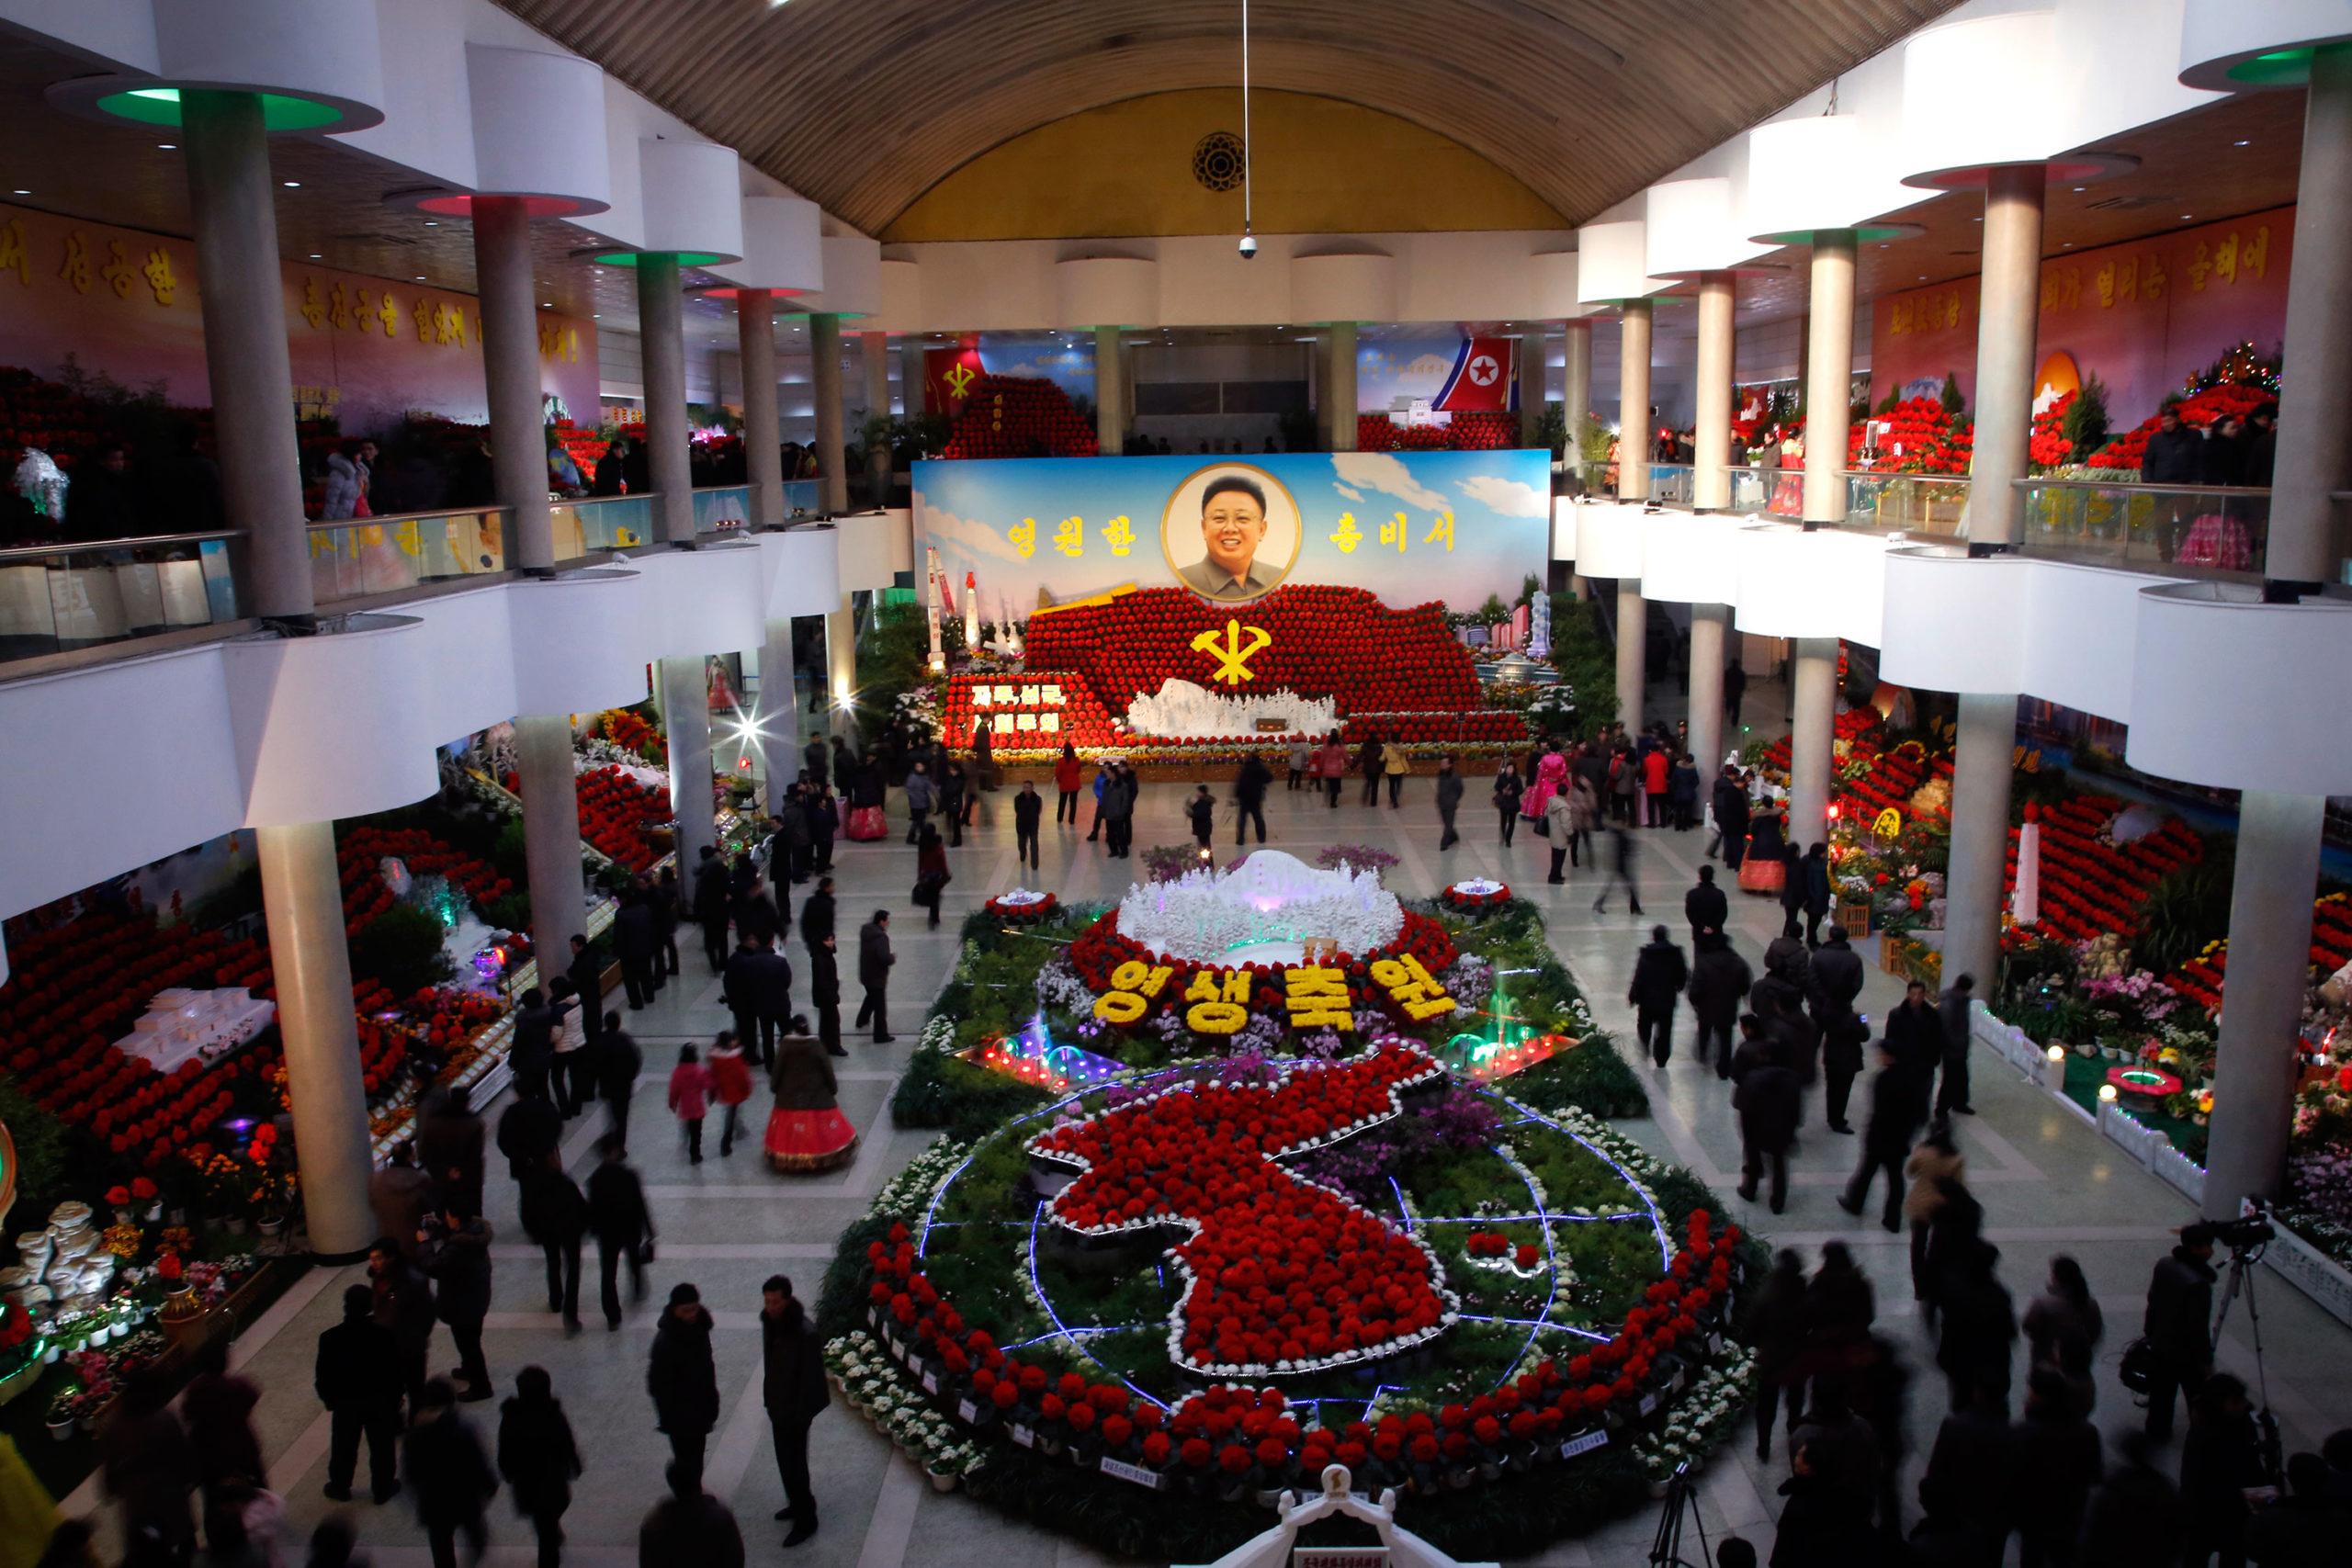 خشم رهبری و مقامات کره شمالی به دنبال توهین به انتشارات حاوی تصاویر رهبران کشور